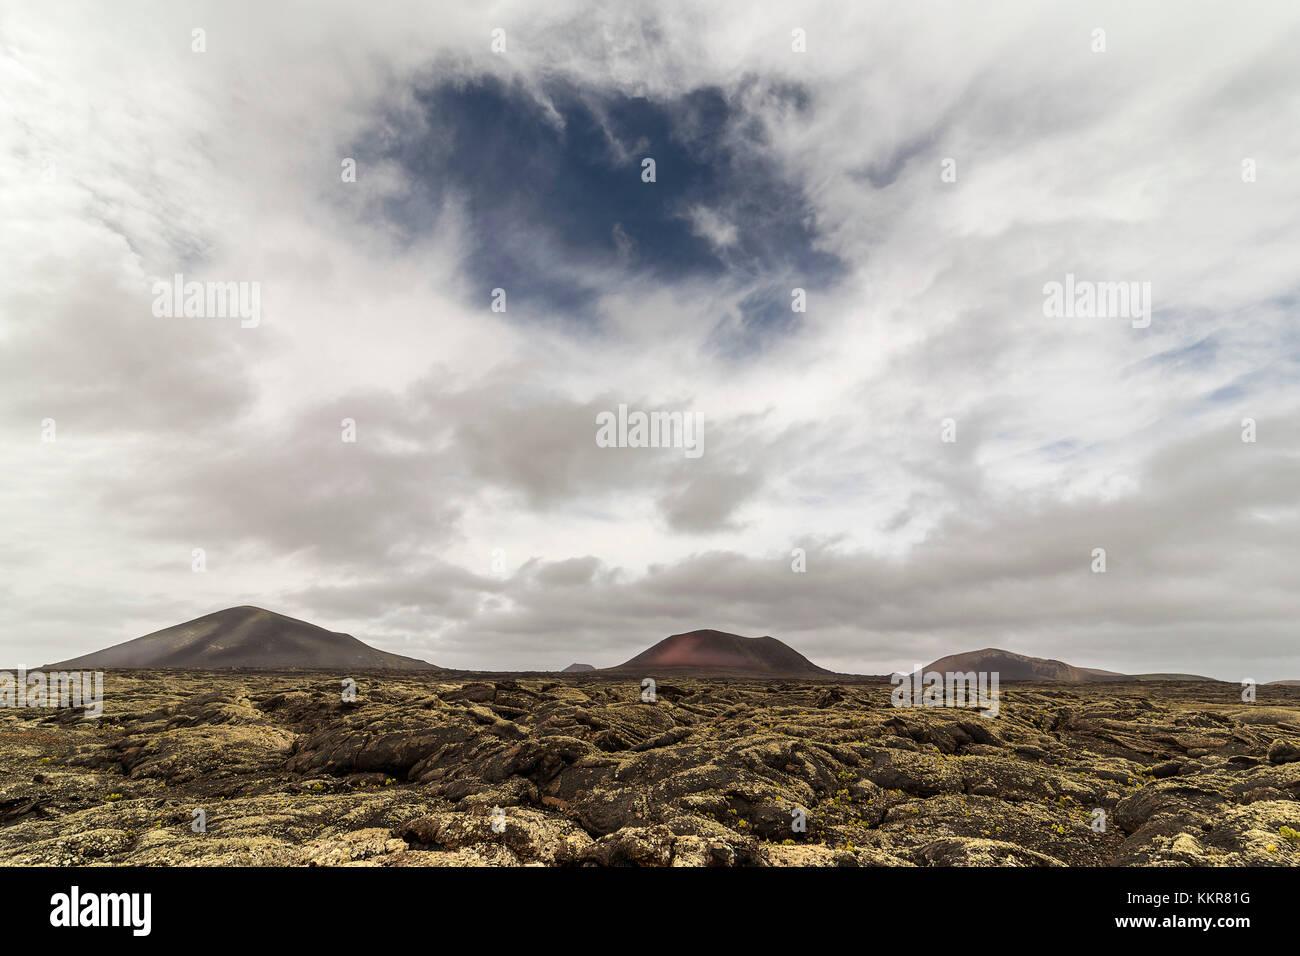 Nubes nervioso en las montañas de fuego, el parque nacional de Timanfaya, Lanzarote, Islas Canarias, España Imagen De Stock